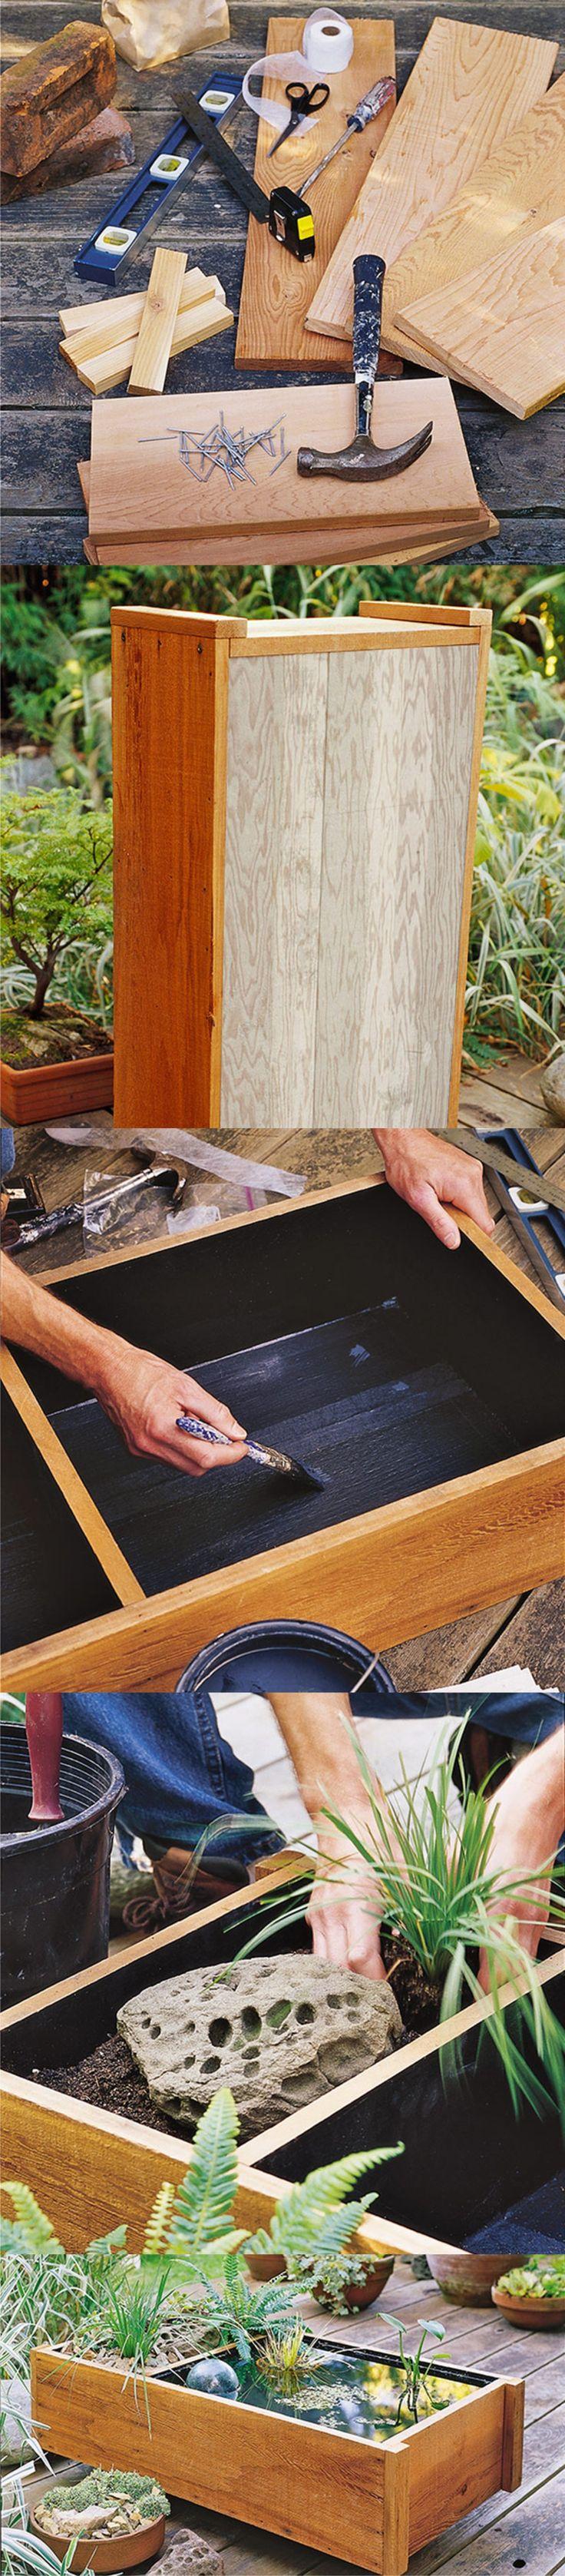 Maceta con estanque para plantas acuáticas / Via www.lowes.com